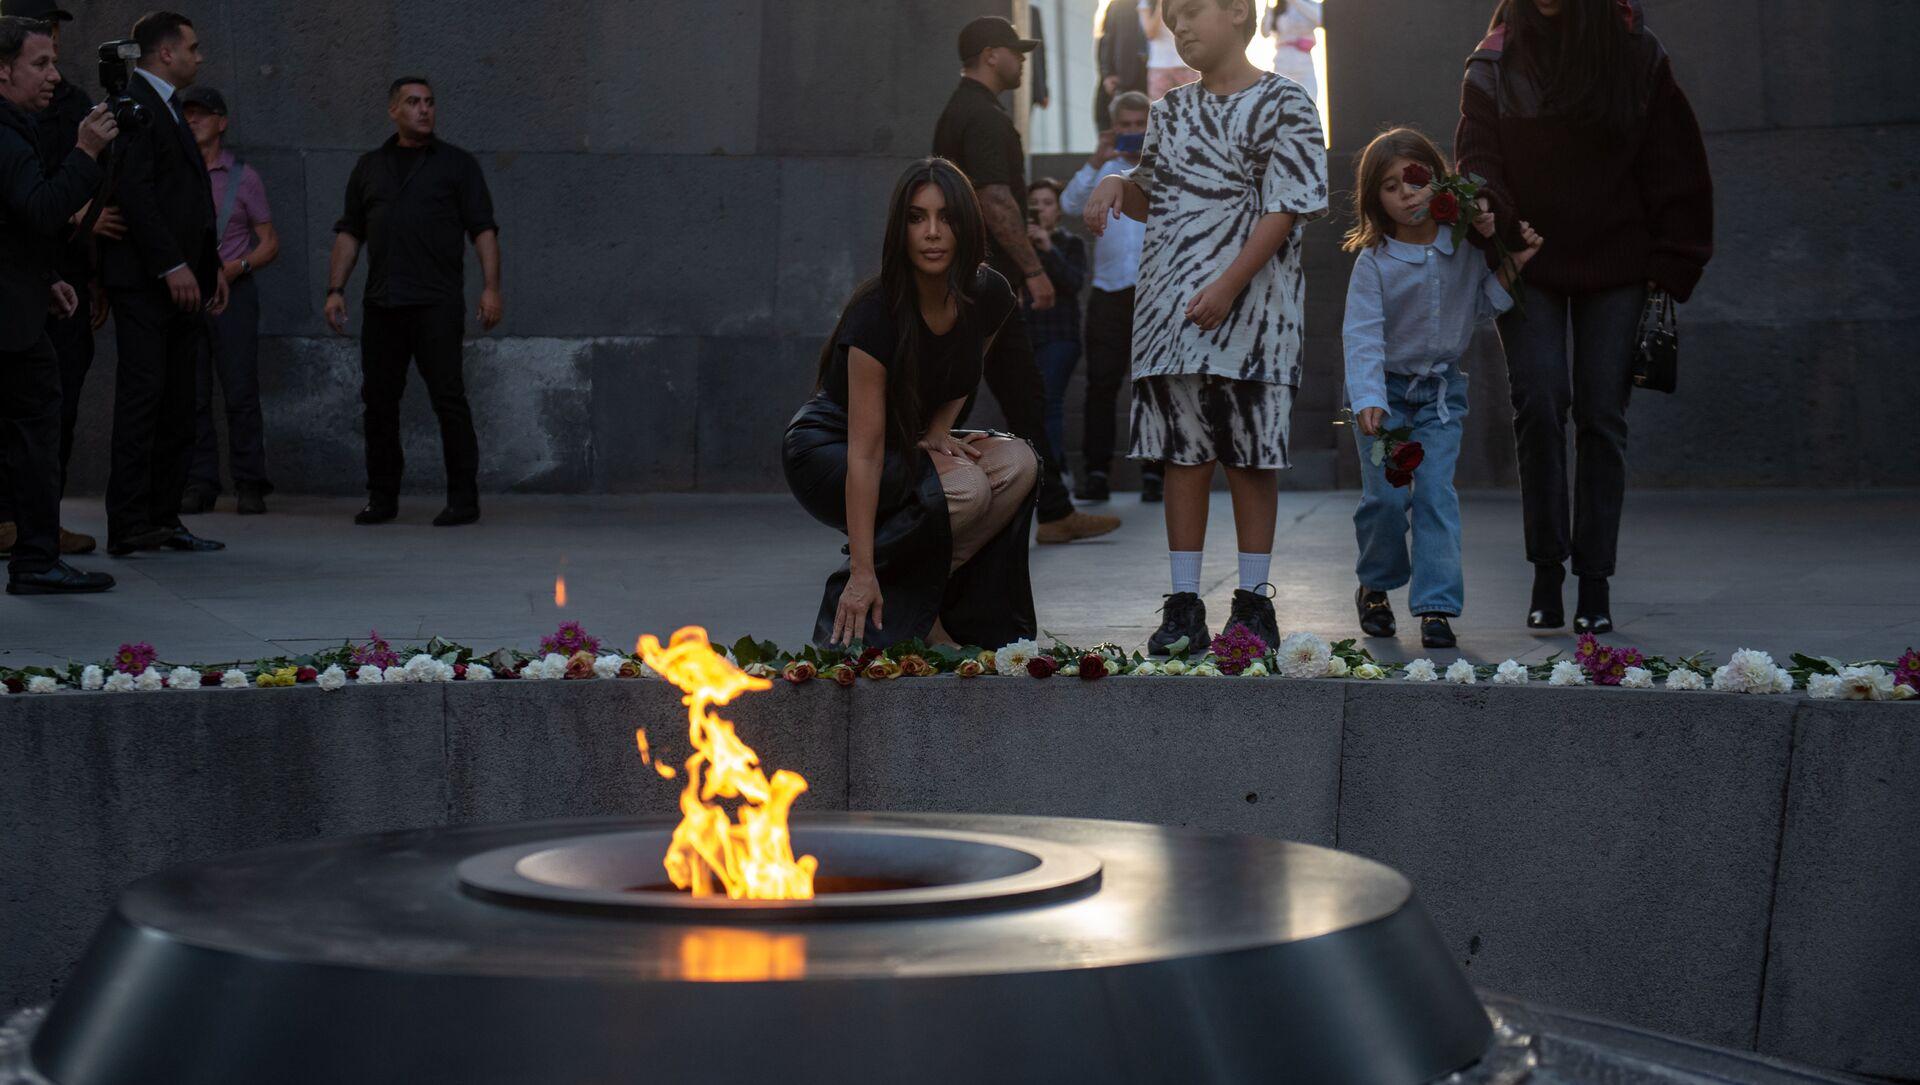 Kim Kardashian al Complesso Commemorativo del genocidio armeno Tsitsernakaberd, Yerevan - Sputnik Italia, 1920, 31.10.2019